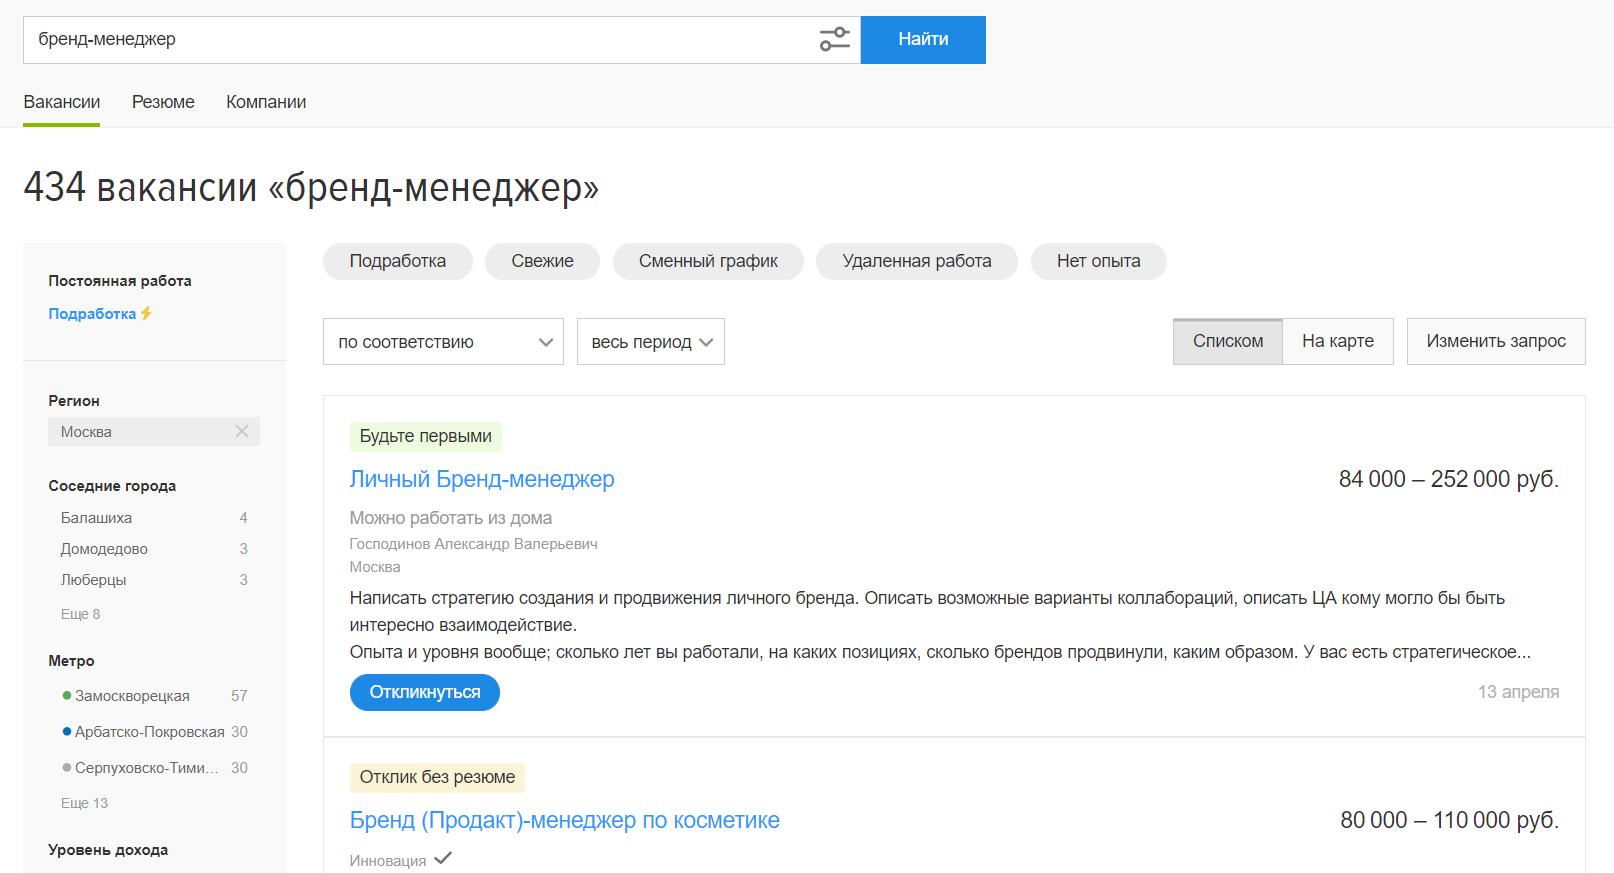 Больше, чем бренд-менеджеры, московскому бизнесу нужны только pr-менеджеры и копирайтеры ;-) По крайней мере в области маркетинга